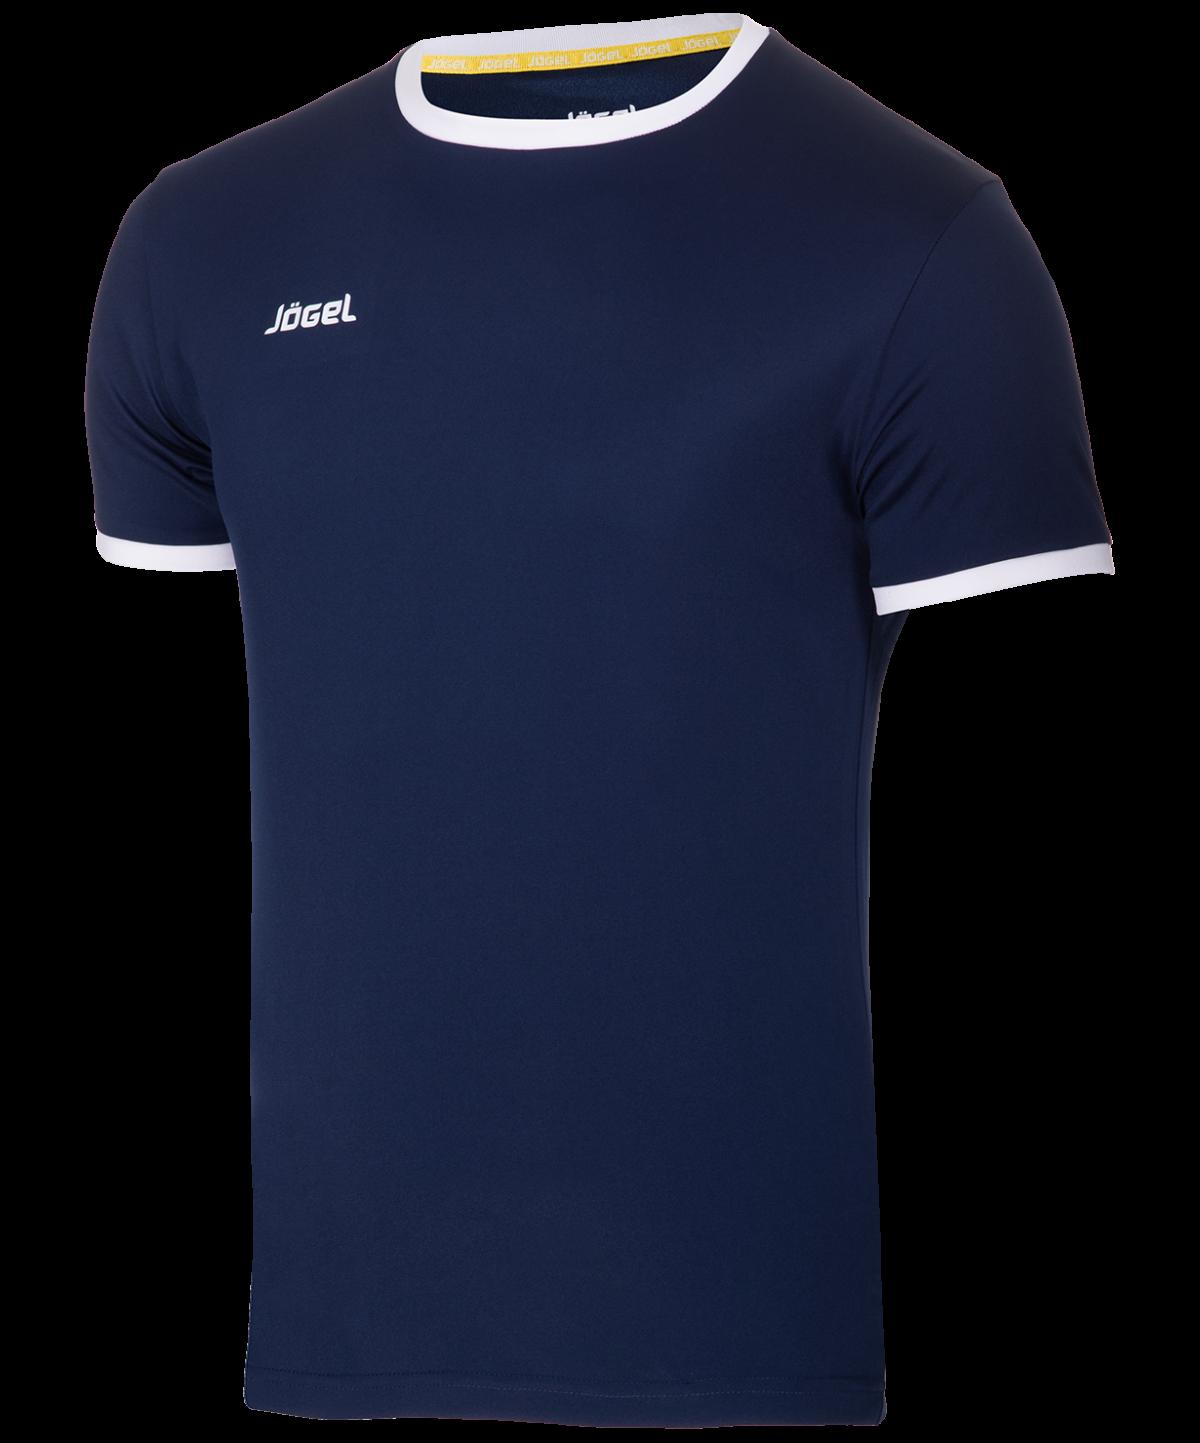 JOGEL Футболка, синий/белый  JFT-1010-091 - 1